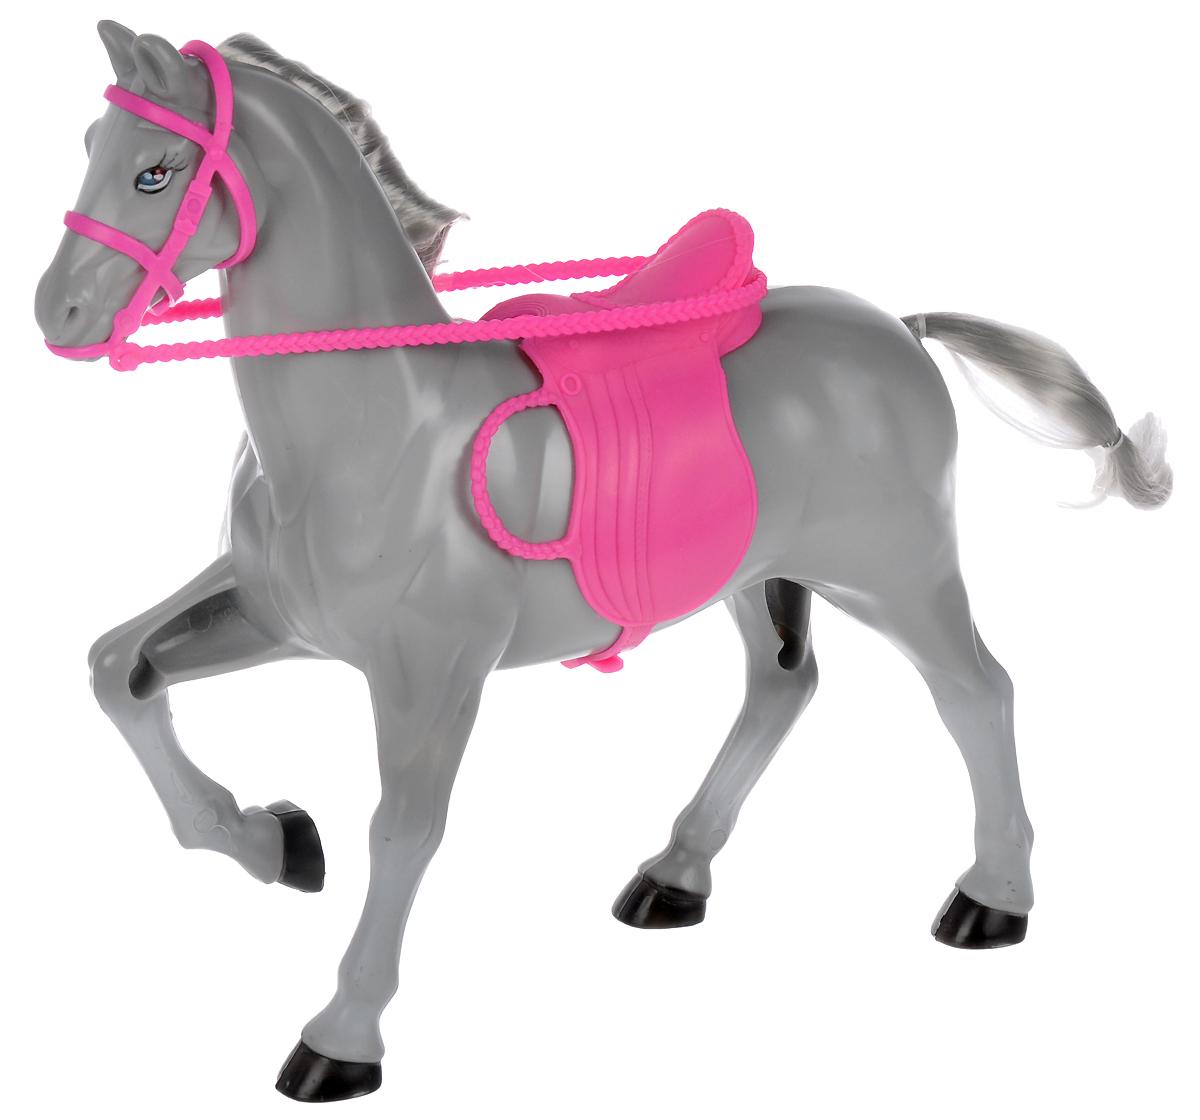 Gloria Лошадка для кукол цвет серый резиновая лошадка для прыганья